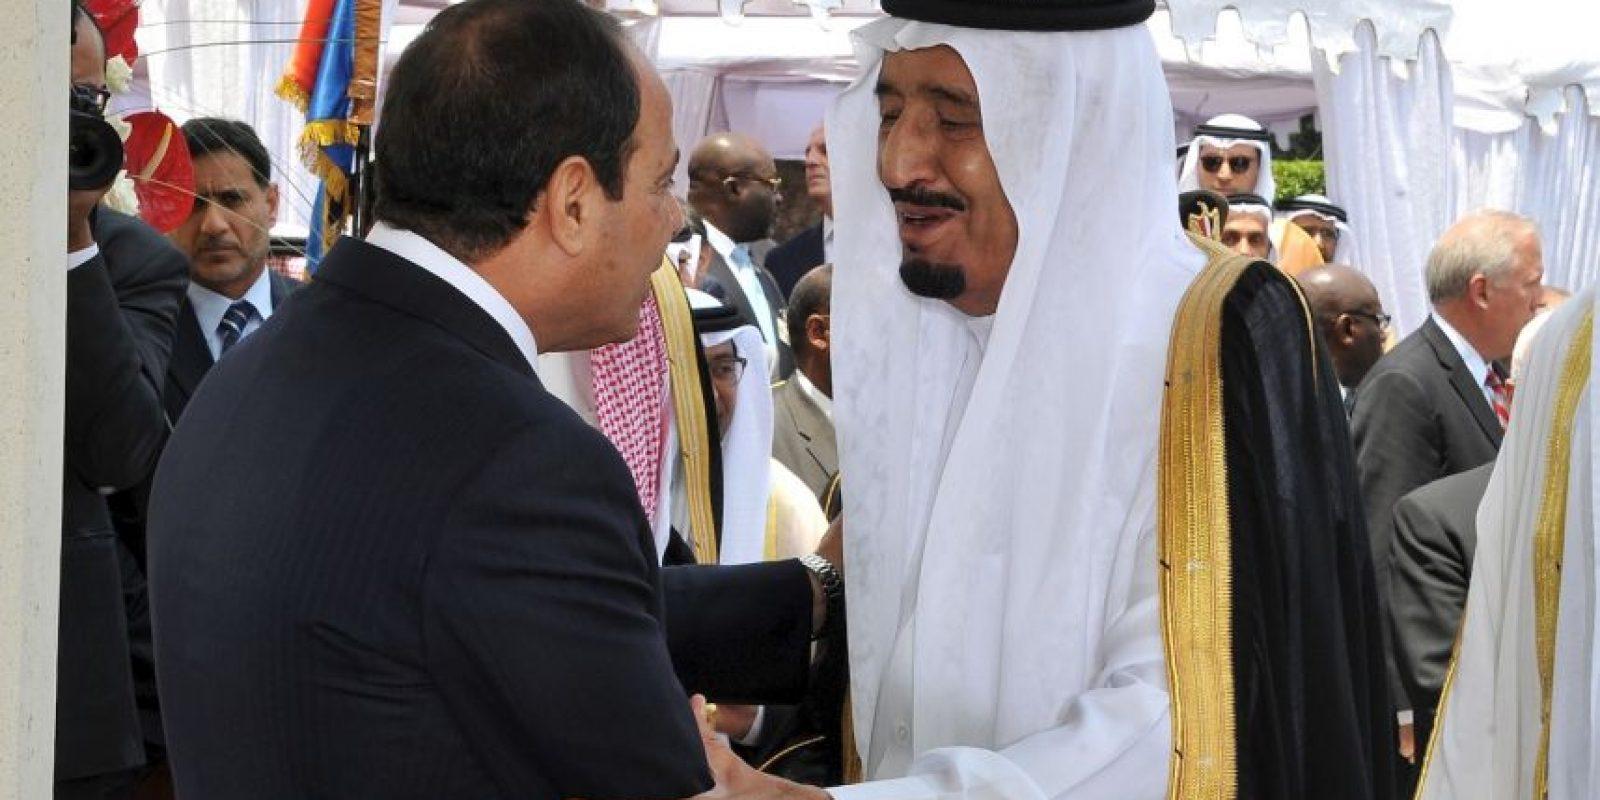 Entre los delitos que ameritan esta pena se encuentran el adulterio y renunciar al Islam. Foto:AP